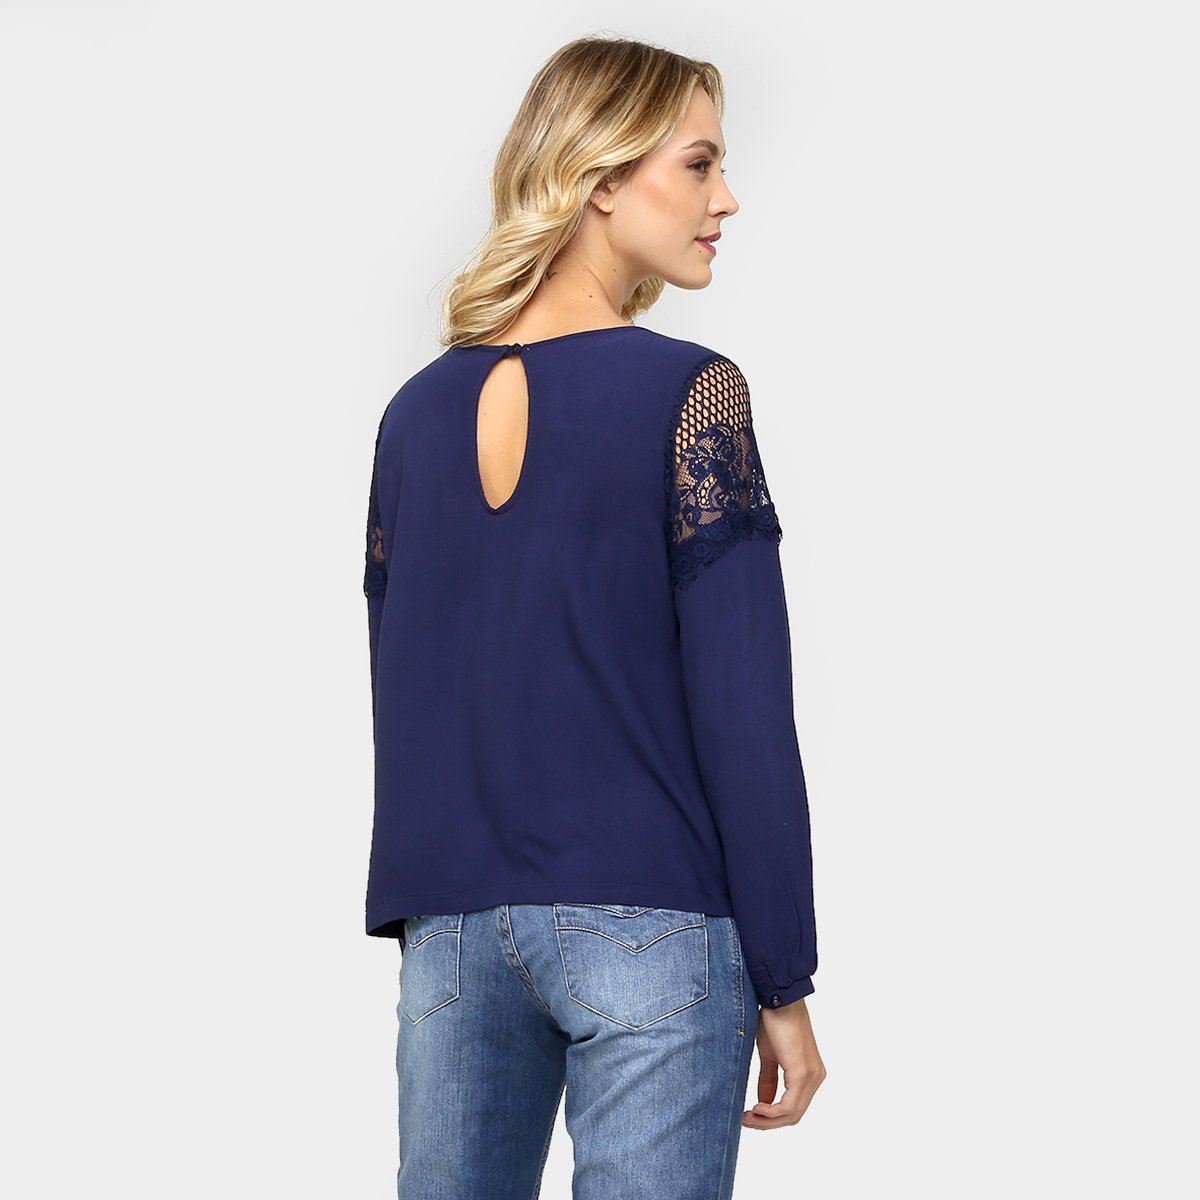 Blusa Disparate Renda Ombro e Colo - Compre Agora  96e06b4e5cf7f